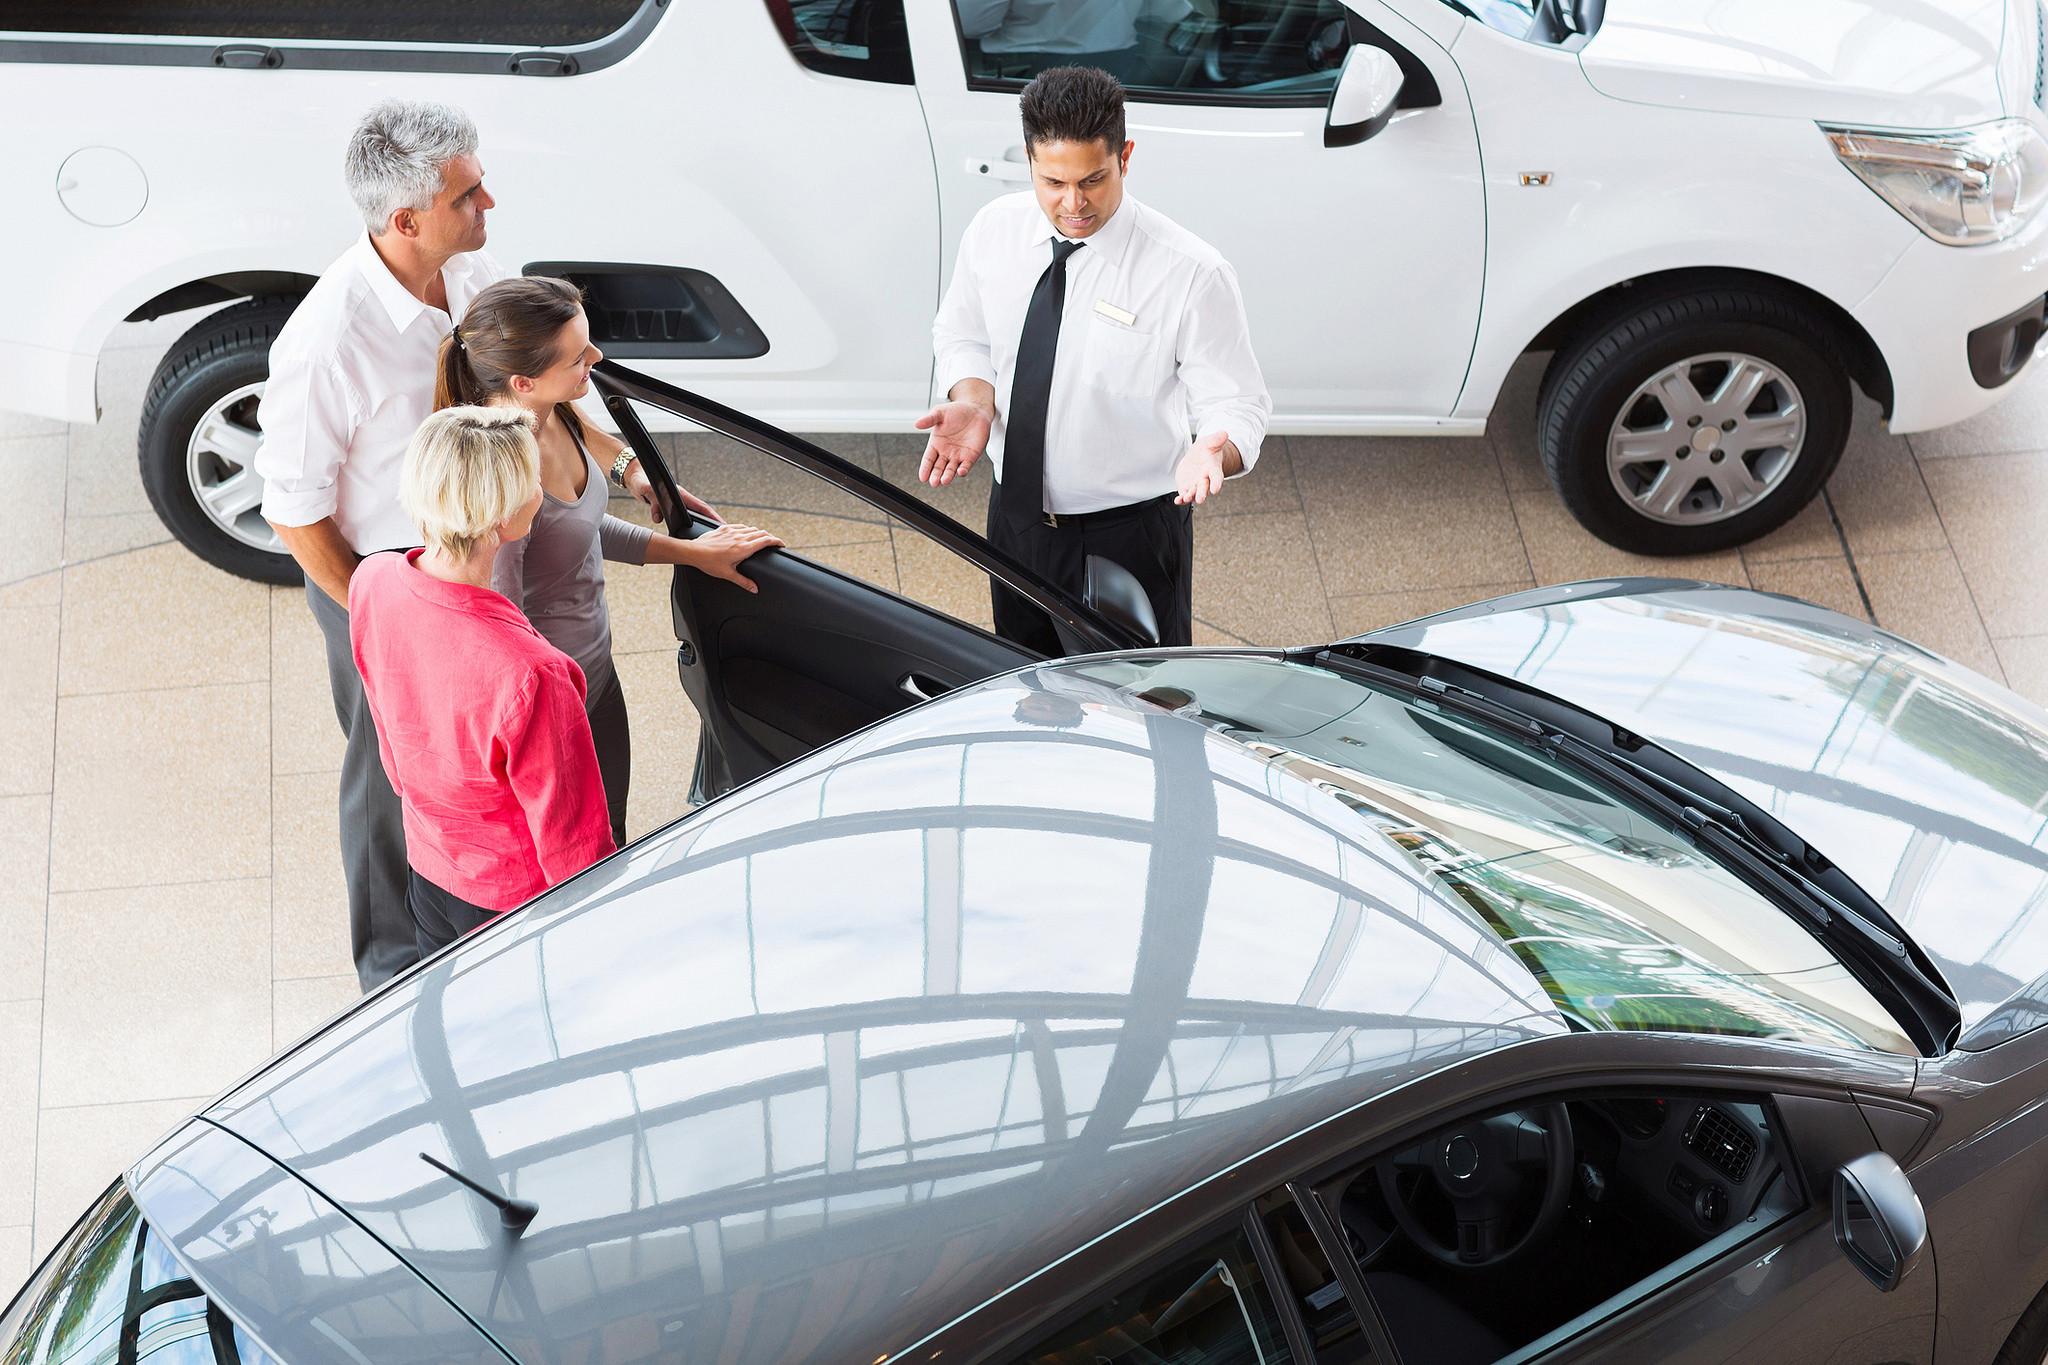 concesarionarios-barrera-vehiculo-electrico-venta